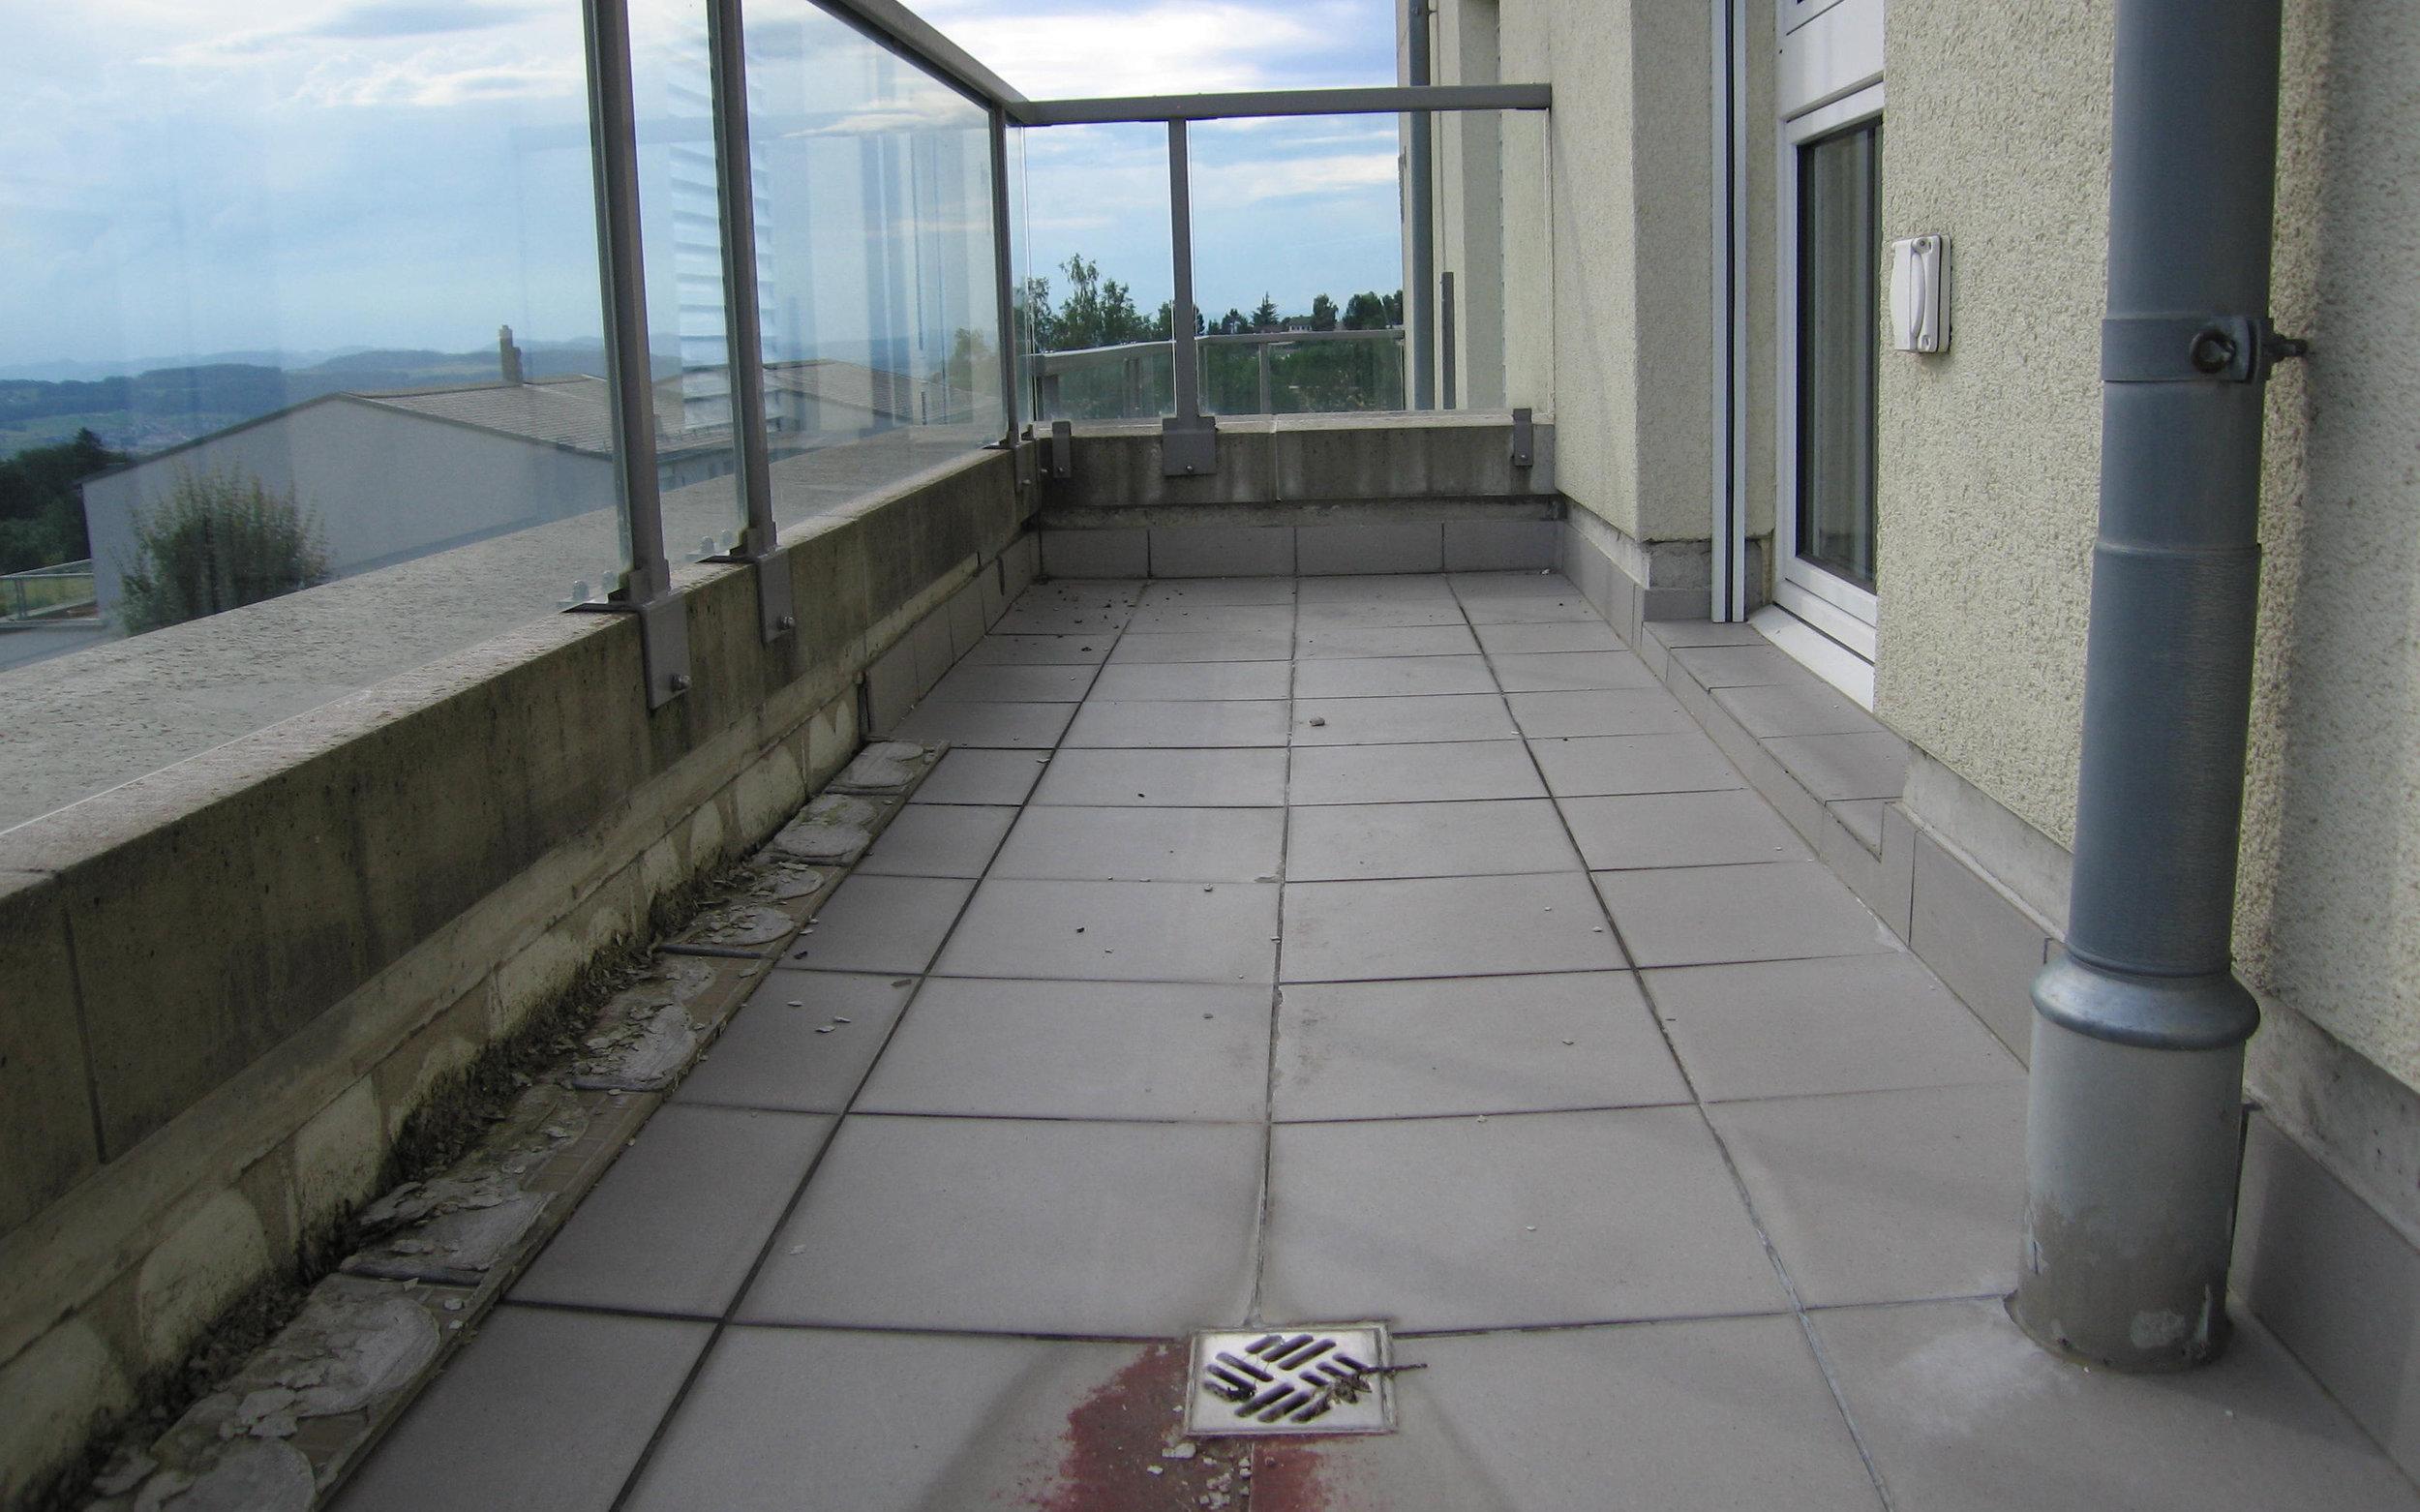 Balkon abdichten mit Flüssigkunststoff